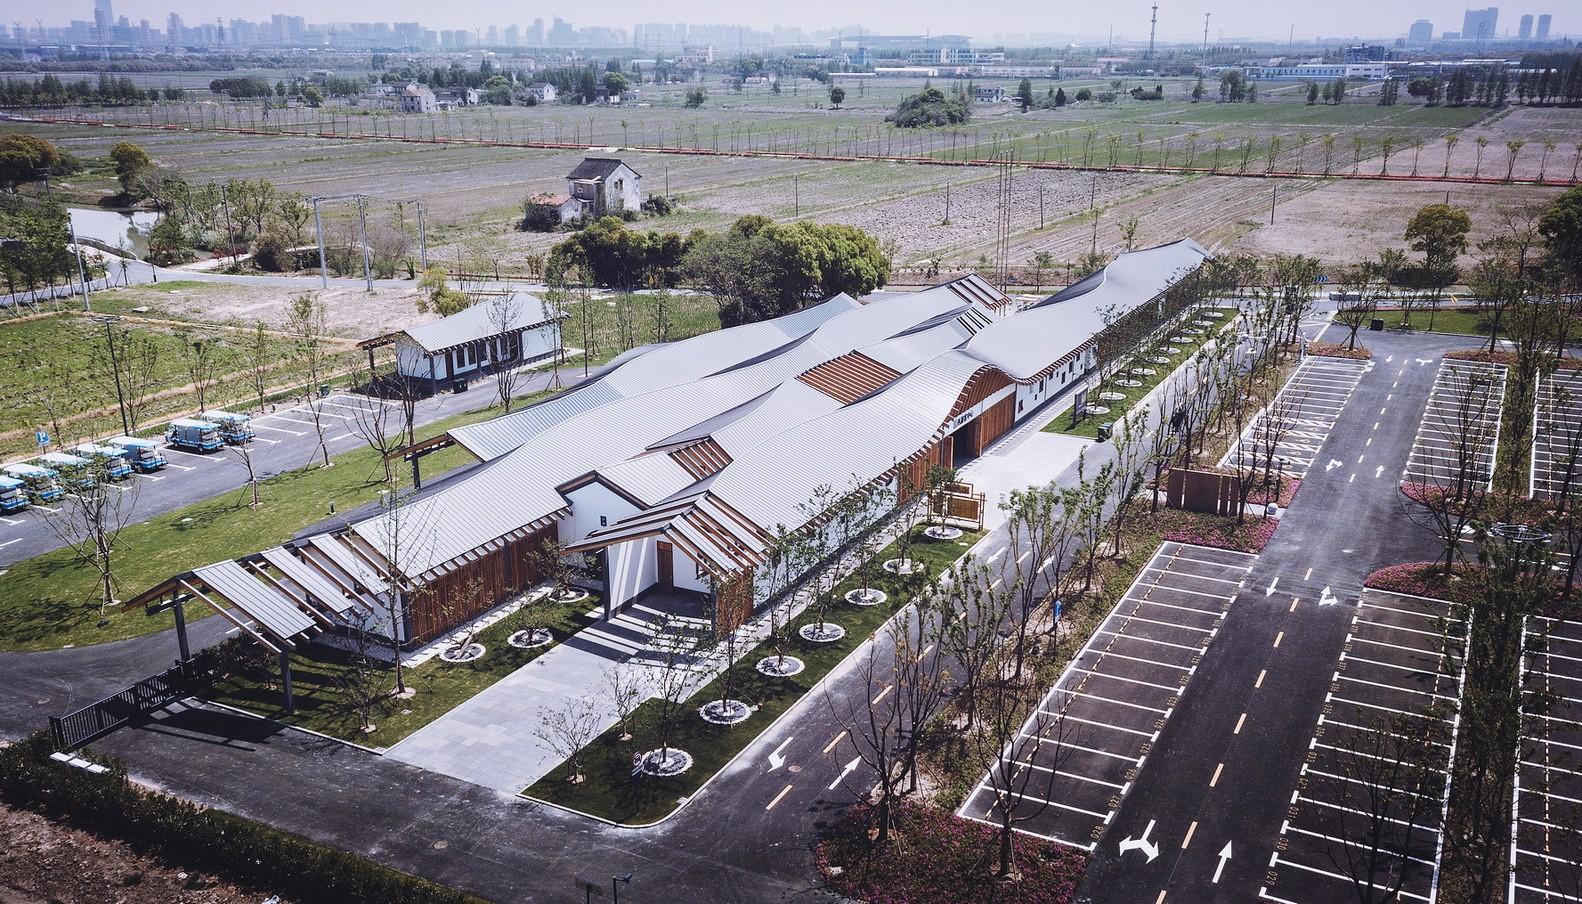 上海嘉定郊野公园游客中心建筑设计/华东建筑设计研究总院